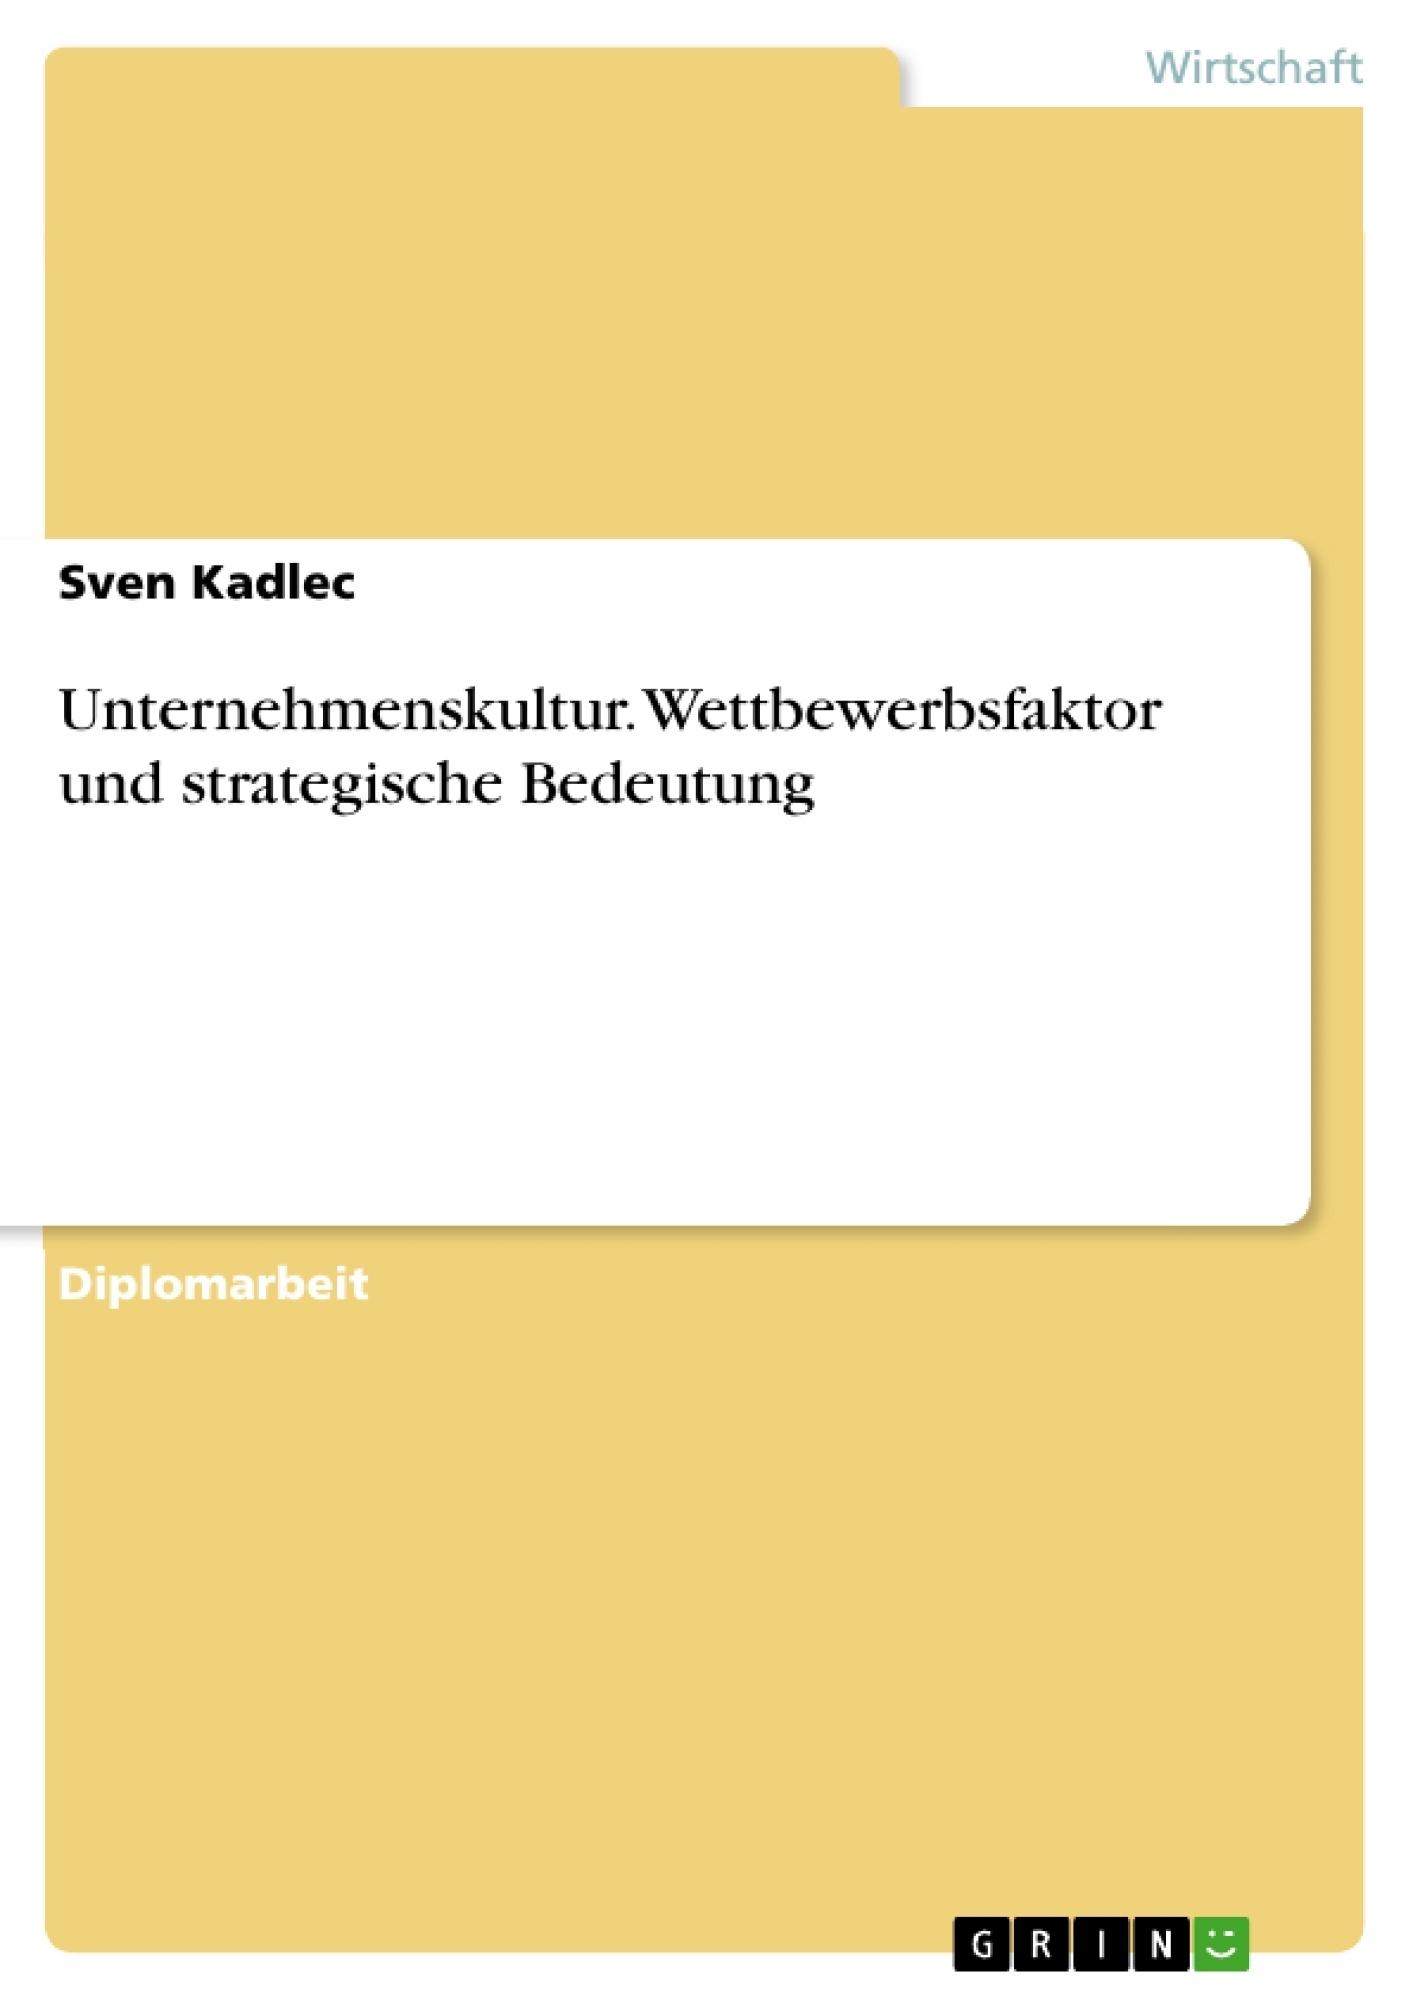 Titel: Unternehmenskultur. Wettbewerbsfaktor und strategische Bedeutung